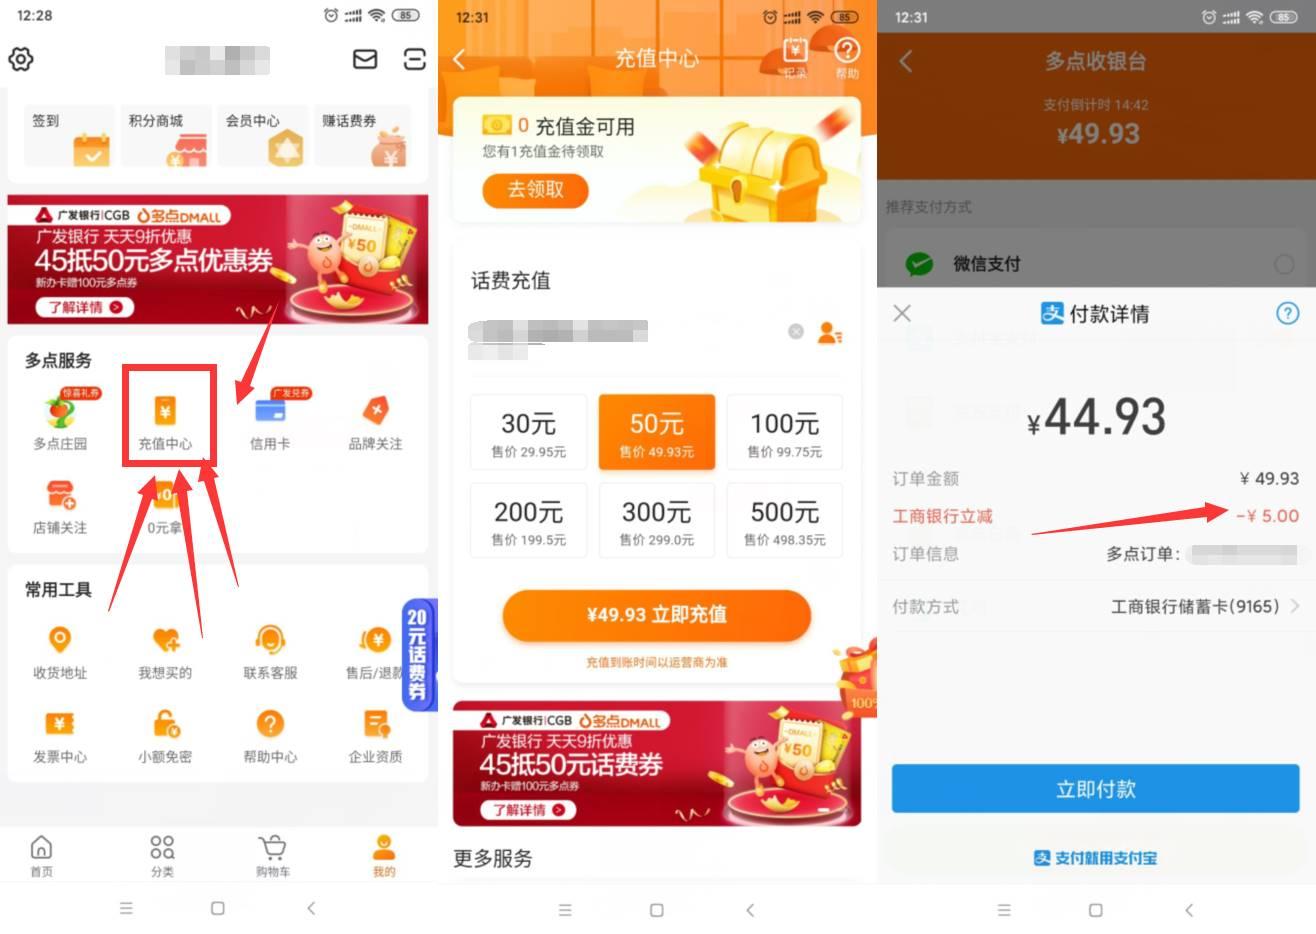 中国银行工商银行45充50话费